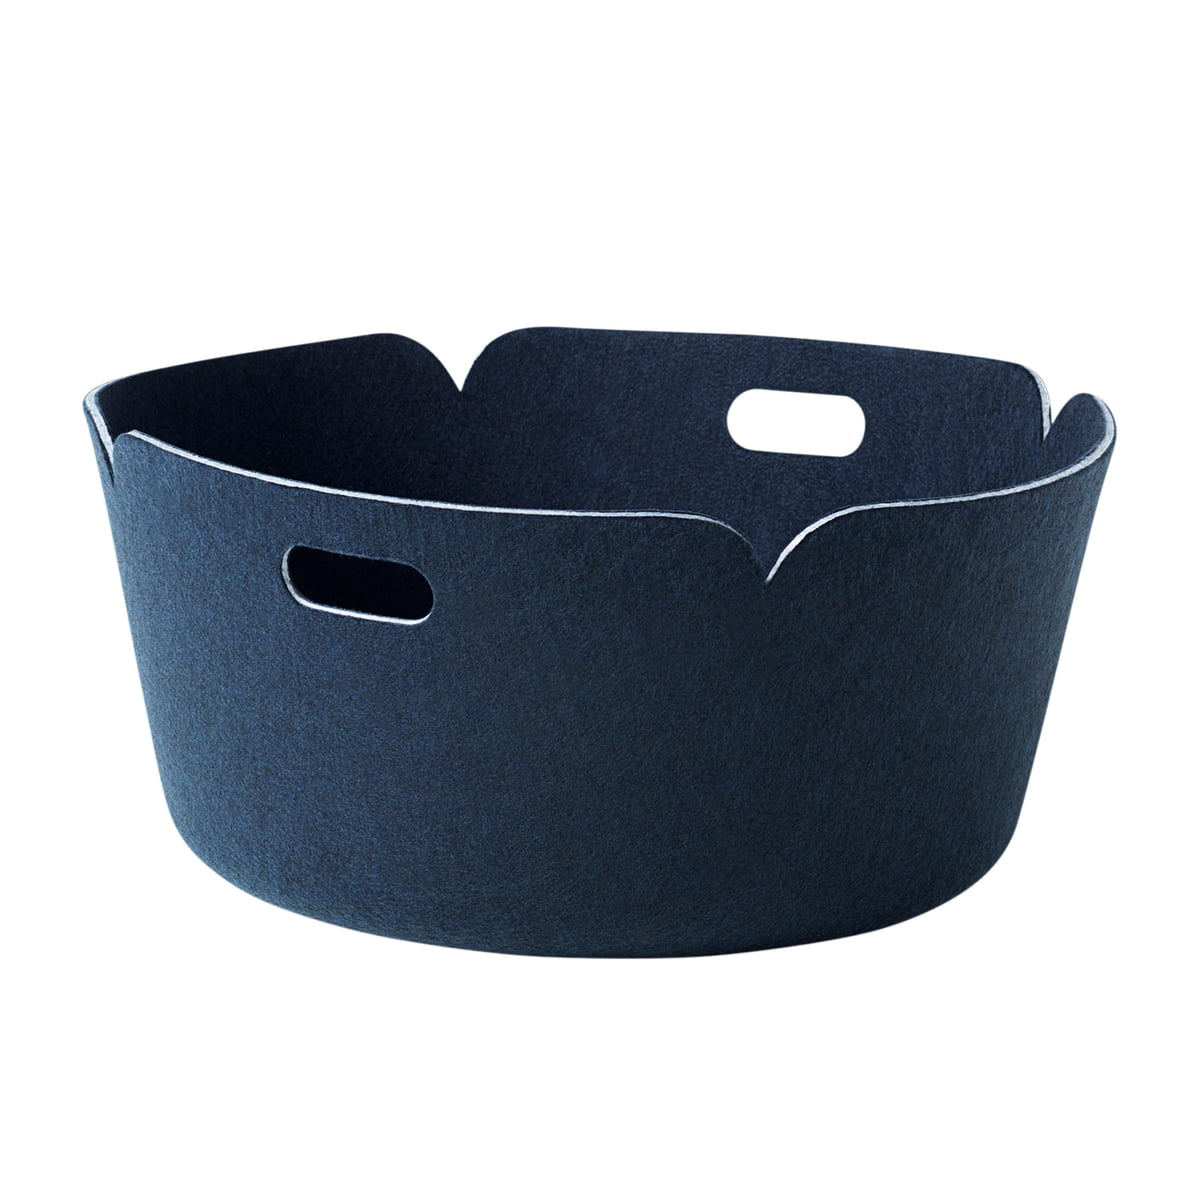 Muuto - Restore Runder Aufbewahrungskorb, midnight blue | Dekoration > Aufbewahrung und Ordnung > Korbwaren | Mitternachtsblau | Polymerfilz | Muuto